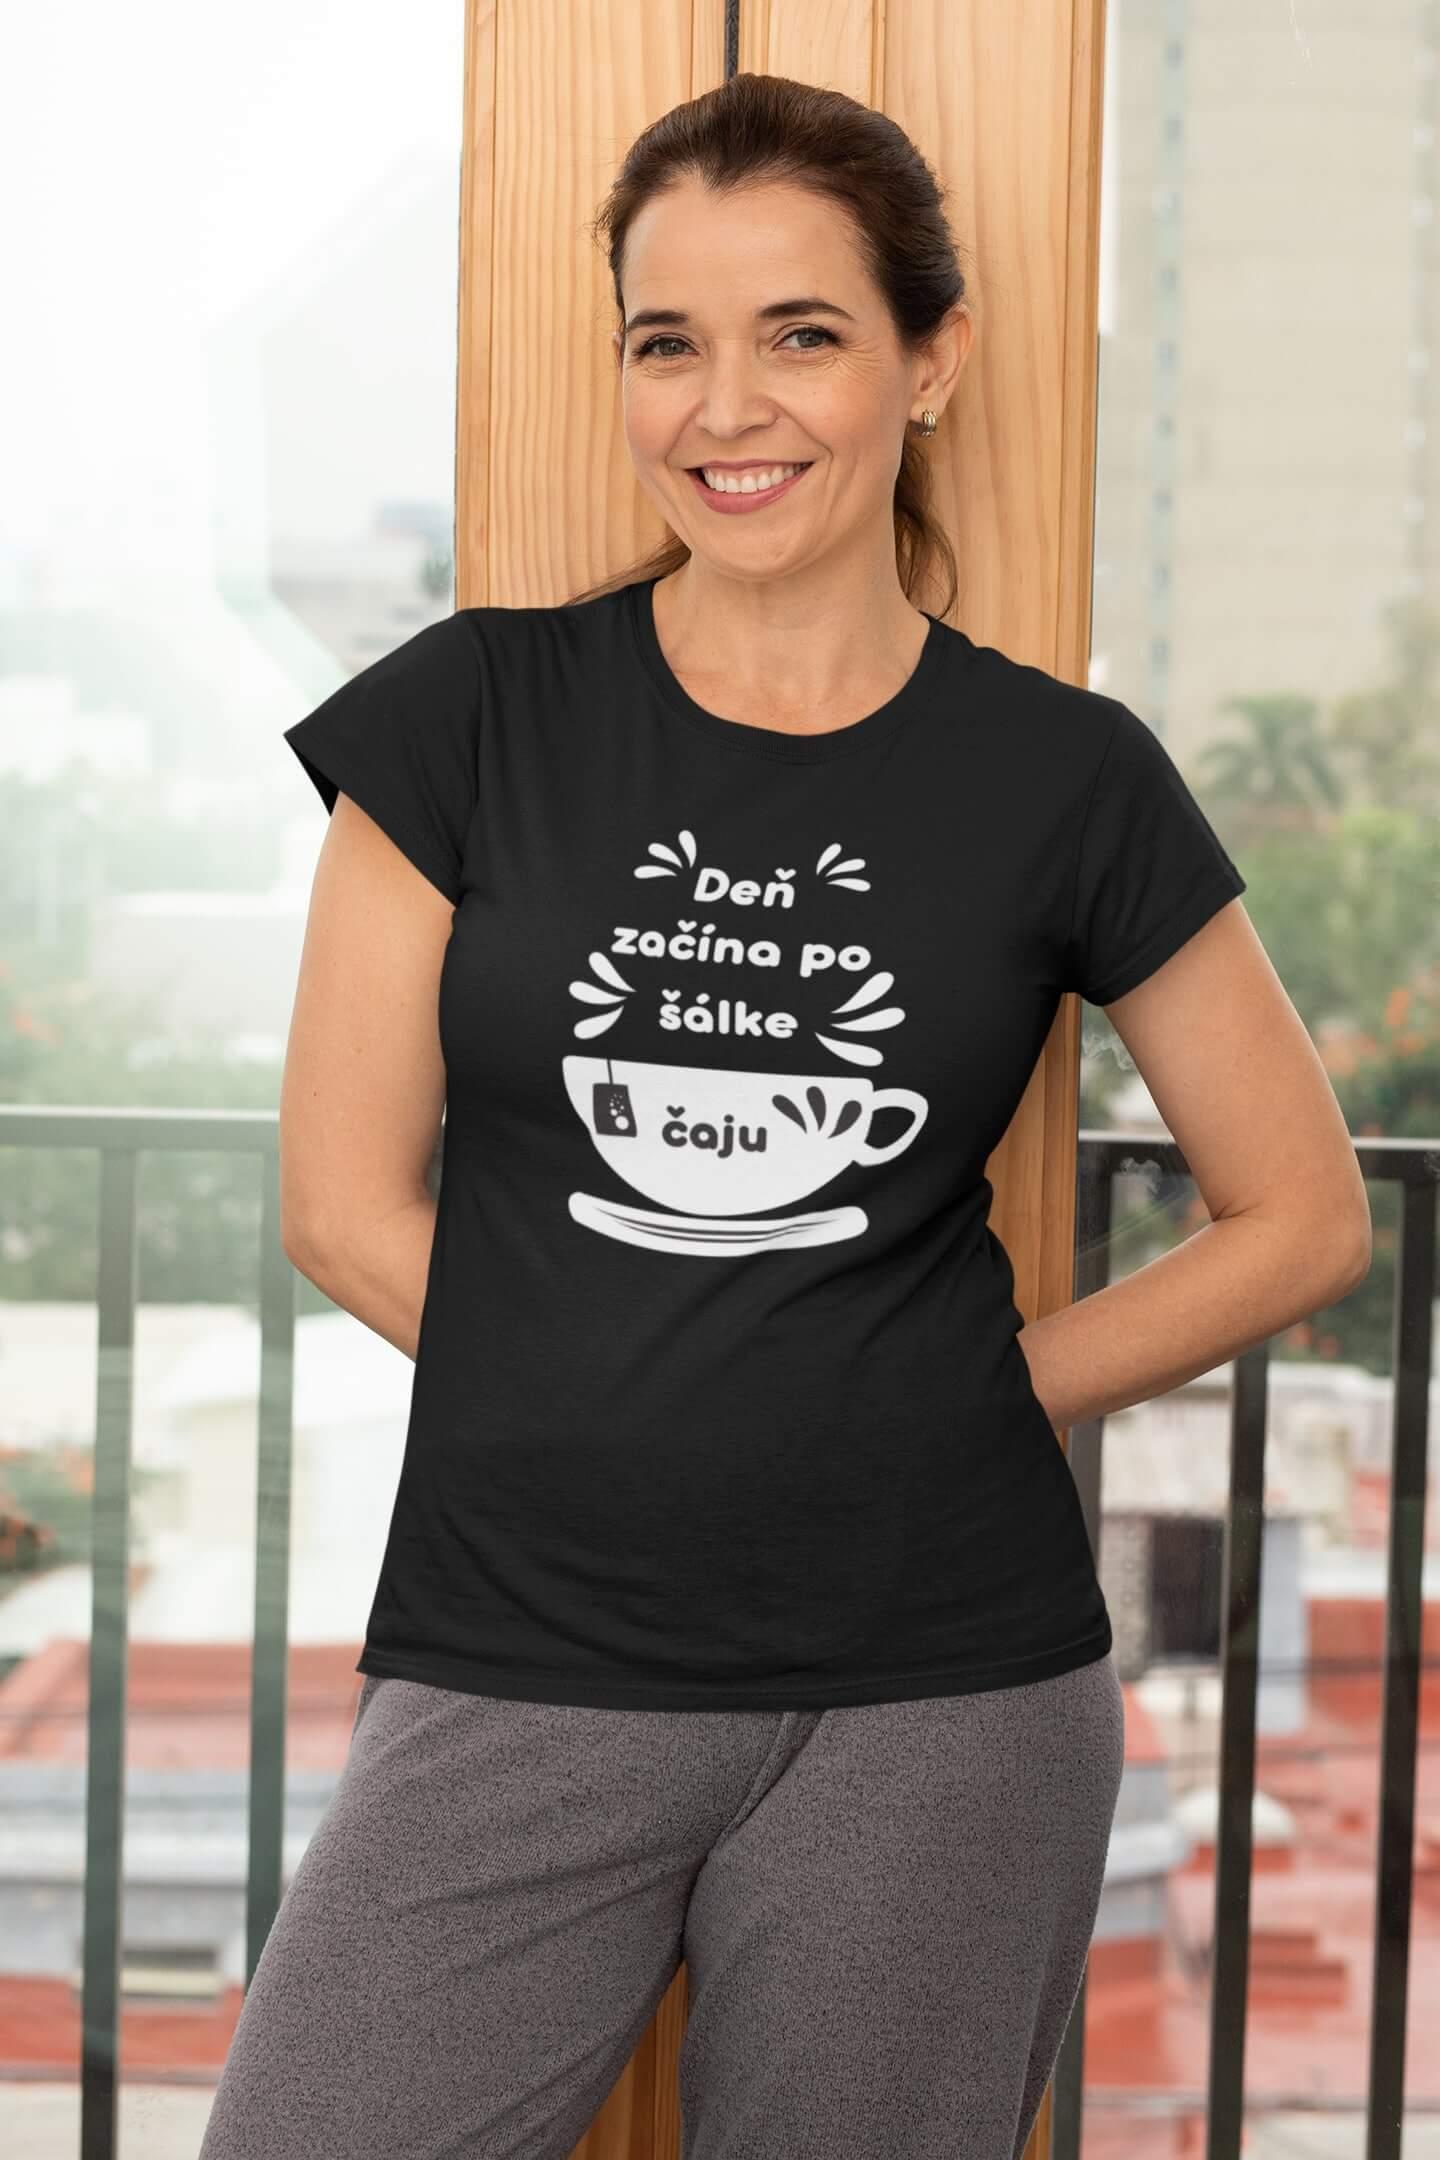 MMO Dámske tričko Šálka čaju Vyberte farbu: Čierna, Dámska veľkosť: S